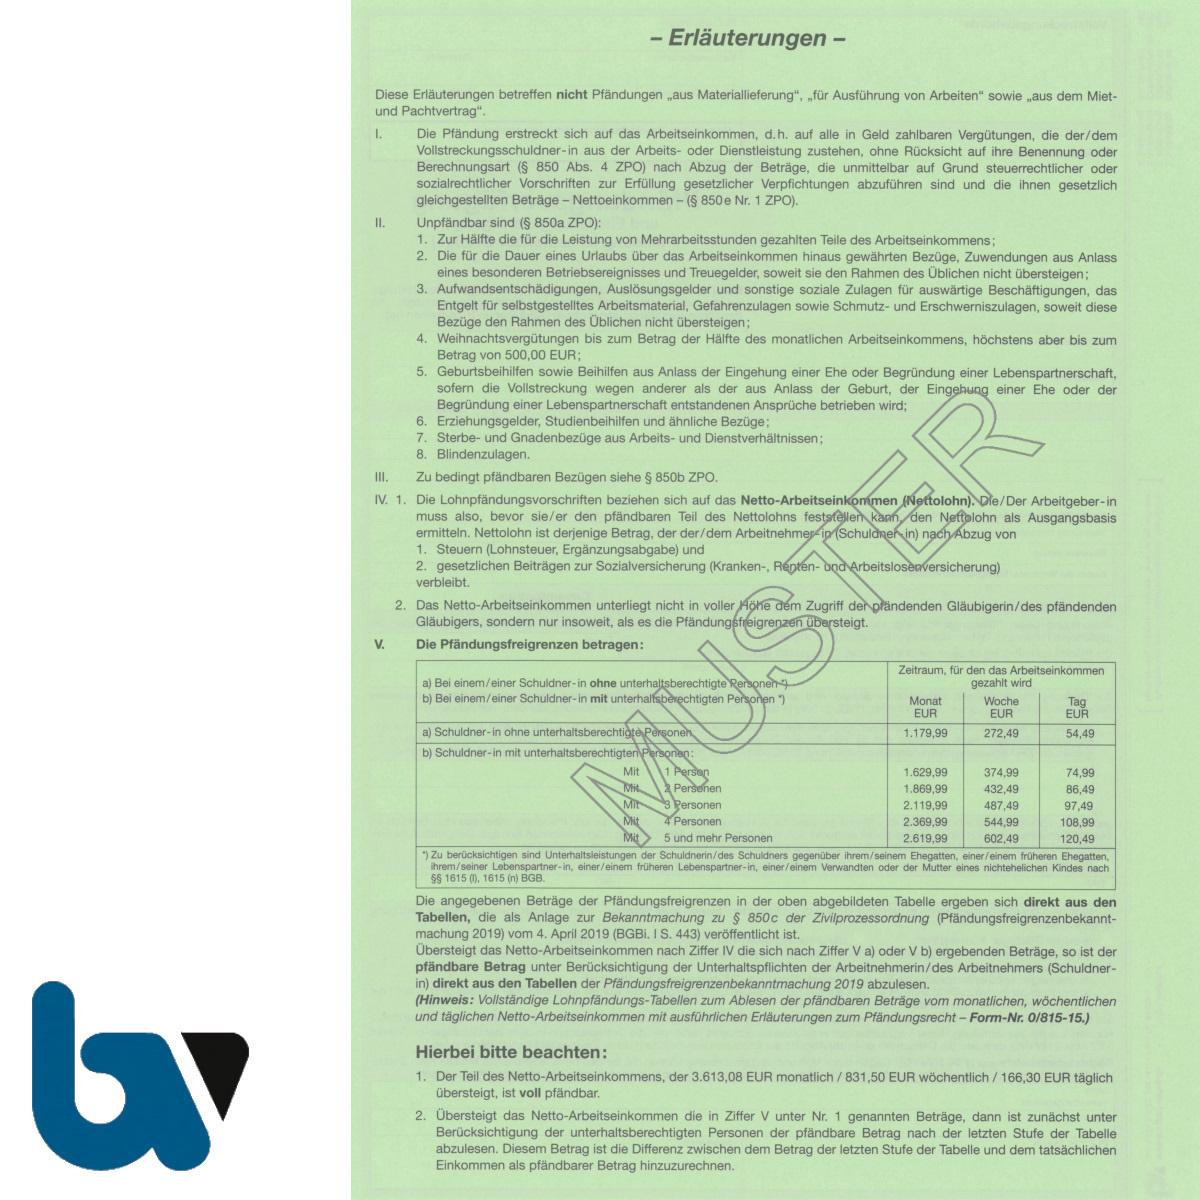 4/815-1 Pfändung Einziehung Verfügung Lohn Gehalt fortlaufende Bezüge Niedersachsen ZPO NVwVG 4-fach selbstdurchschreibend DIN A4 Rückseite | Borgard Verlag GmbH